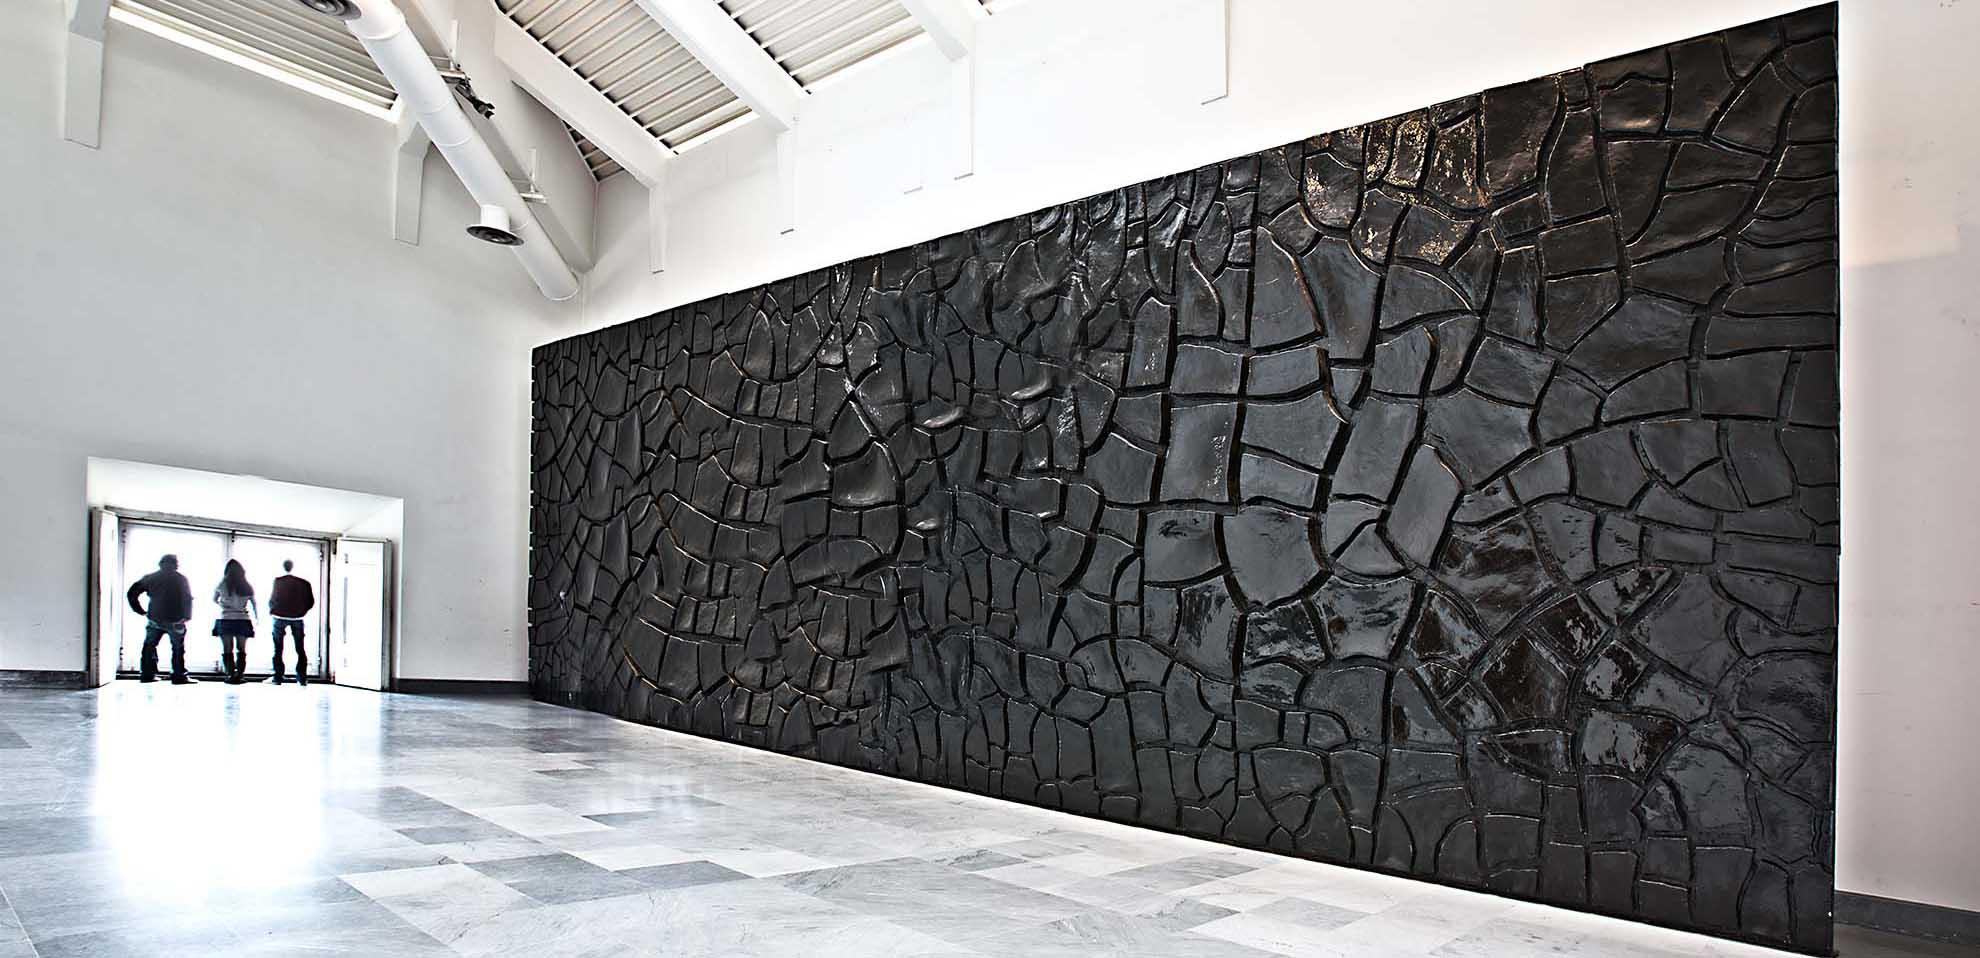 Alberto Burri, Grande cretto (1978; Napoli, Museo Nazionale di Capodimonte)